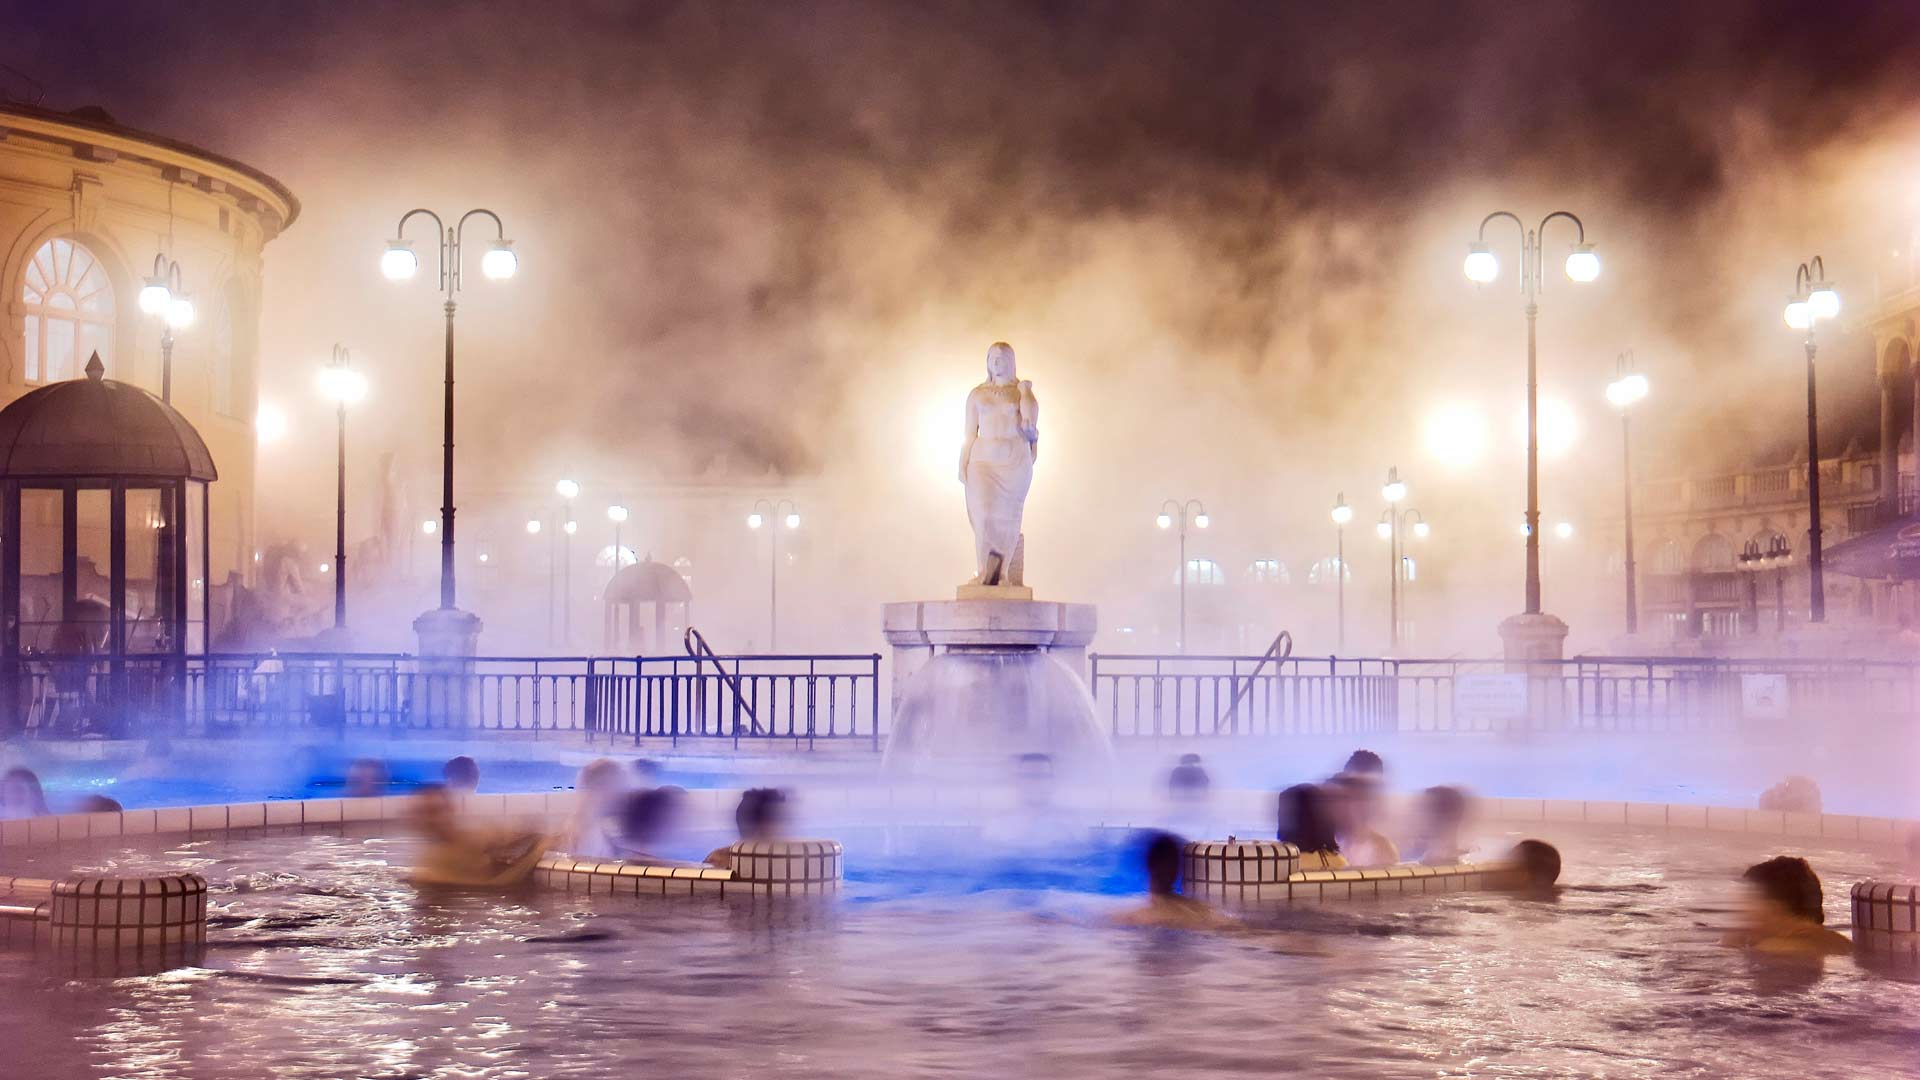 Lämmin vesi houkuttelee Szechenyi-kylpylän sisäpihan altaille erityisesti talvella. Pipo päähän!